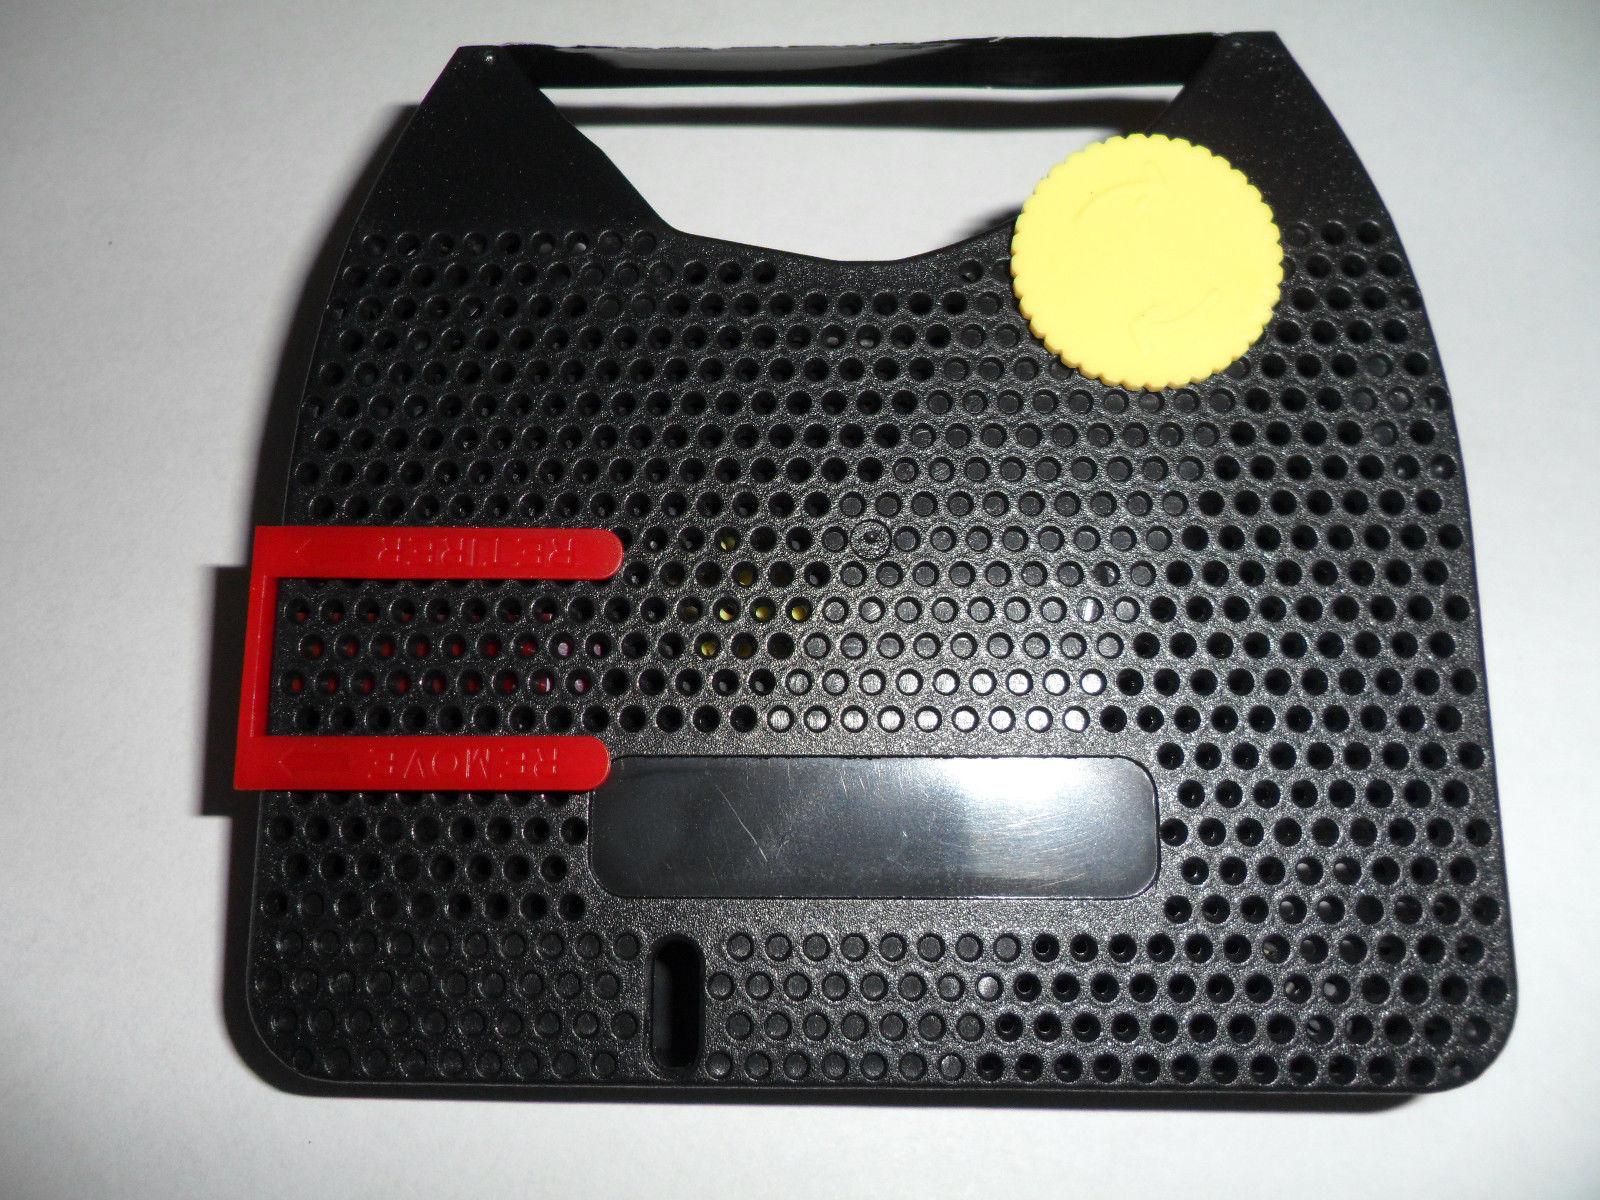 Smith Corona PWP 8000LT PWP D350 Typewriter Ribbon (2 Pack) Replaces 21000